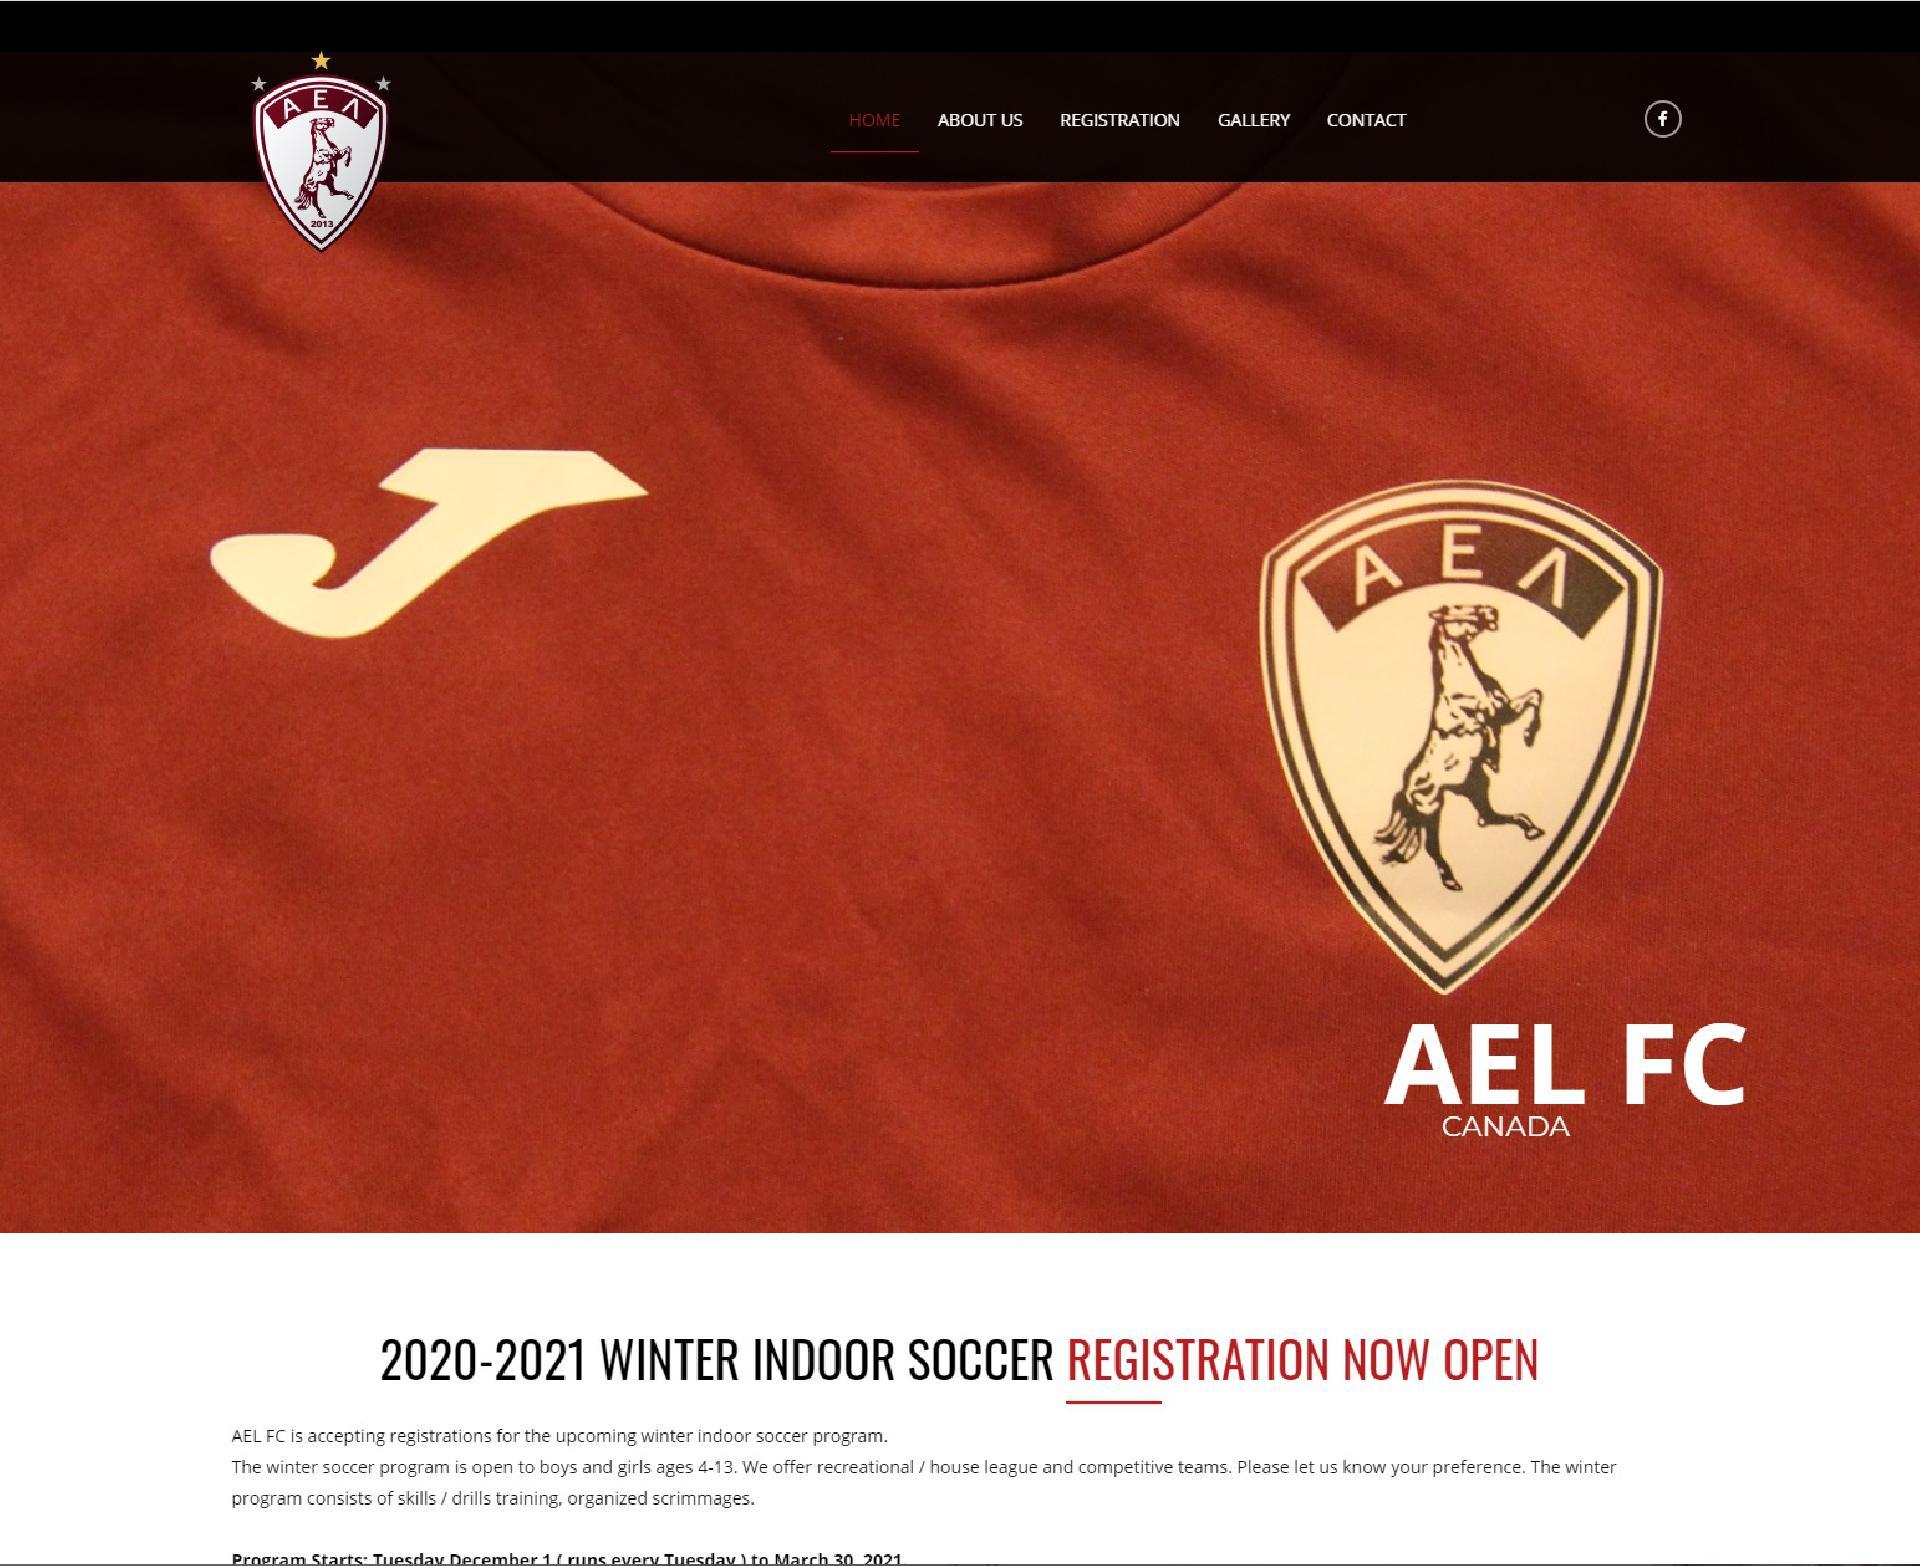 AEL FC Canada